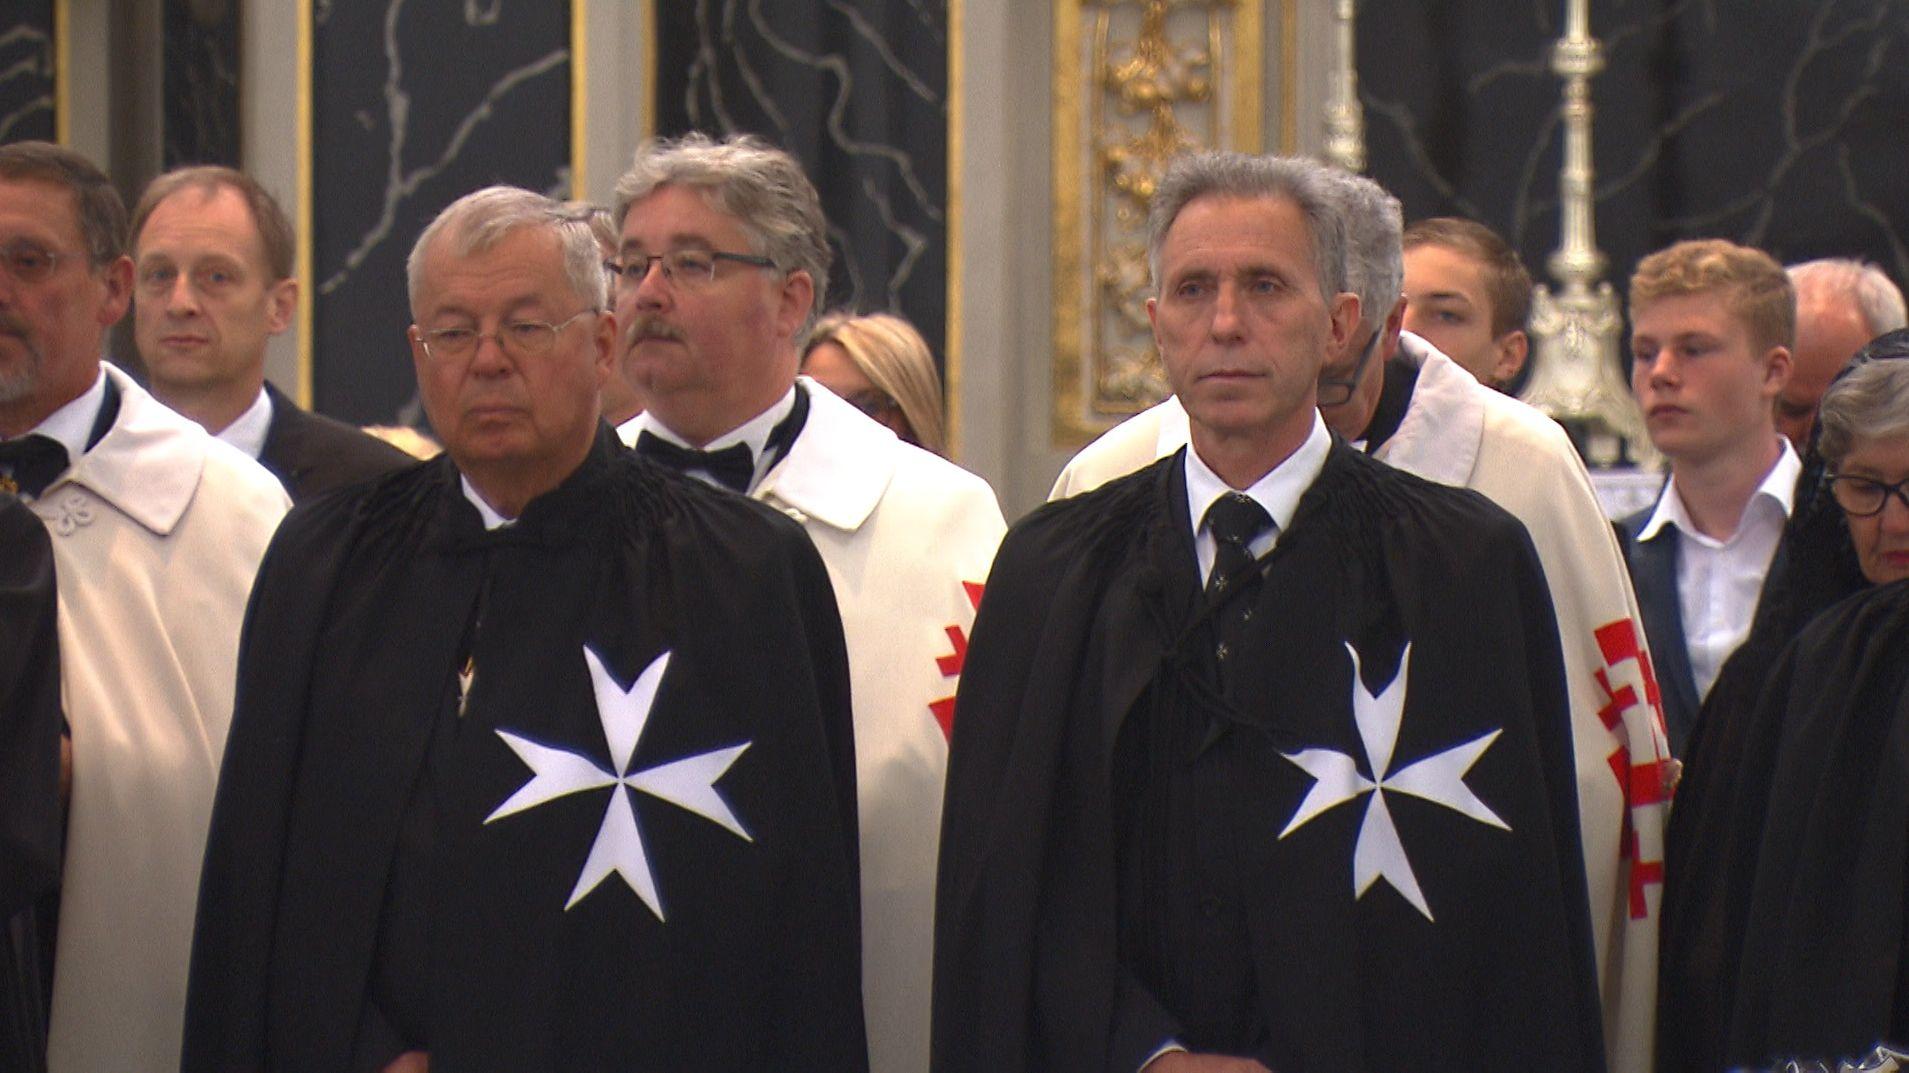 Der Deutsche Orden begeht in Würzburg seine Investiturfeier.